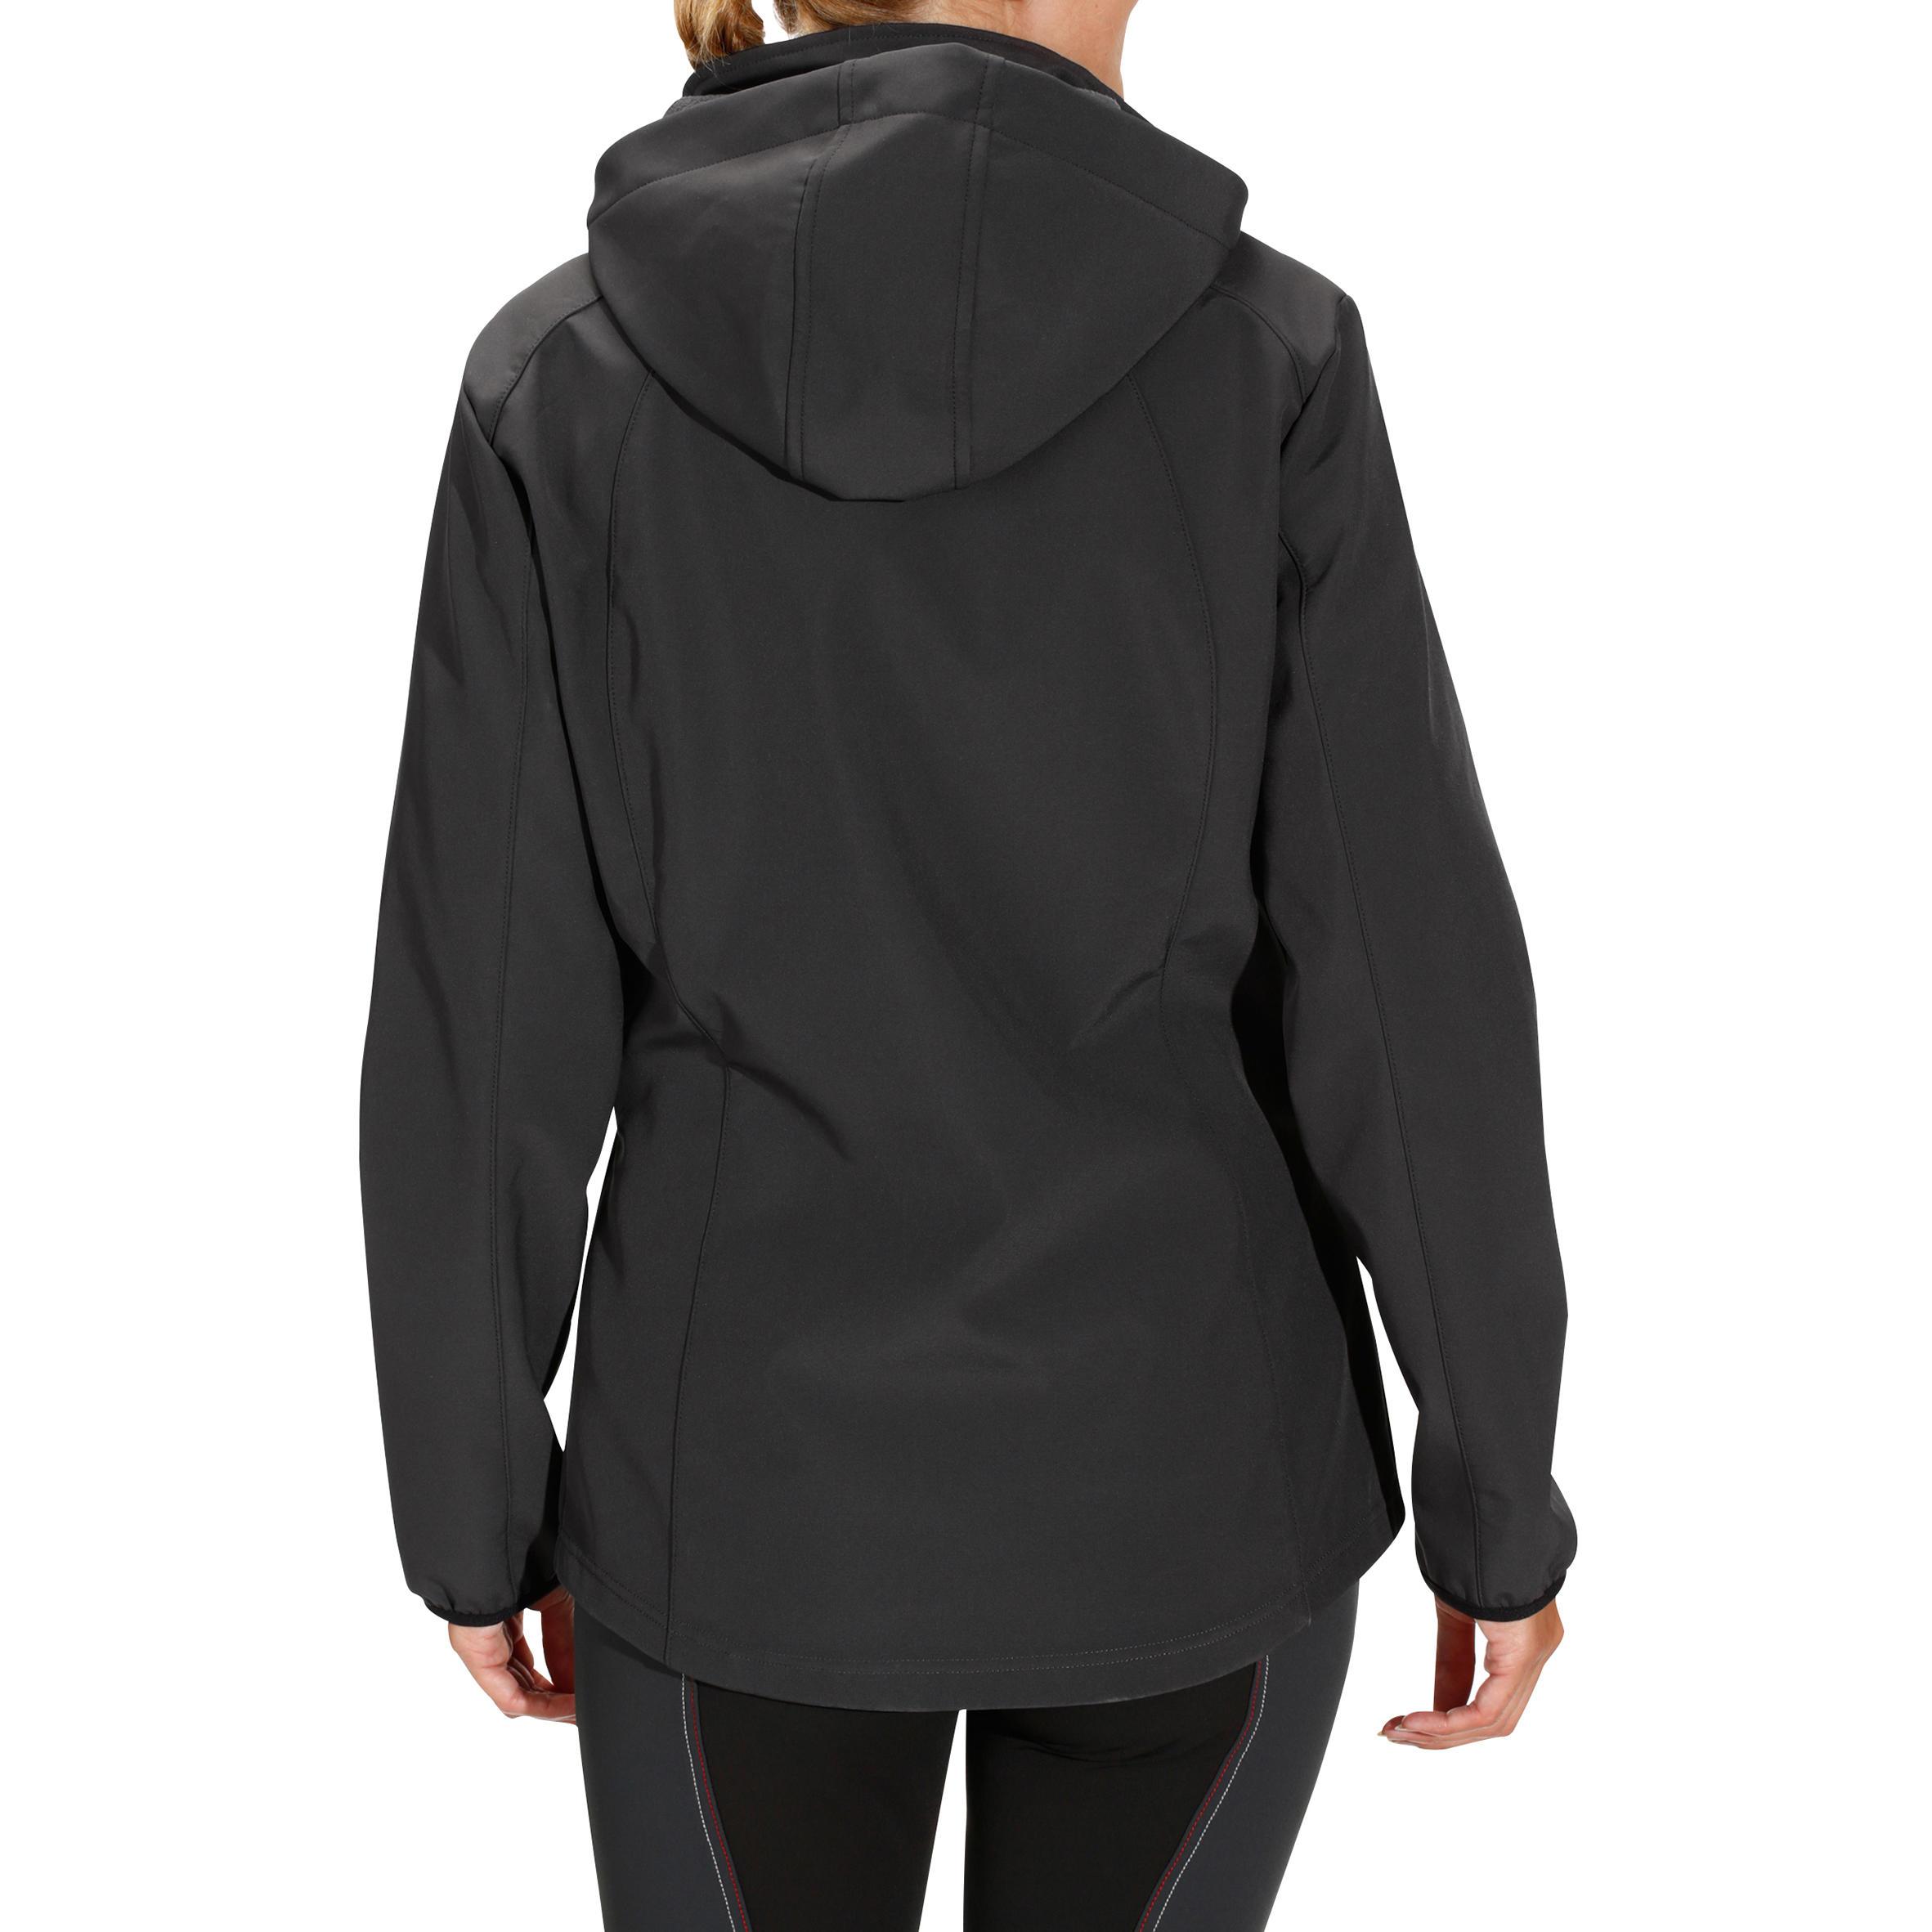 Veste à capuche équitation femme Softshell 700 gris foncé